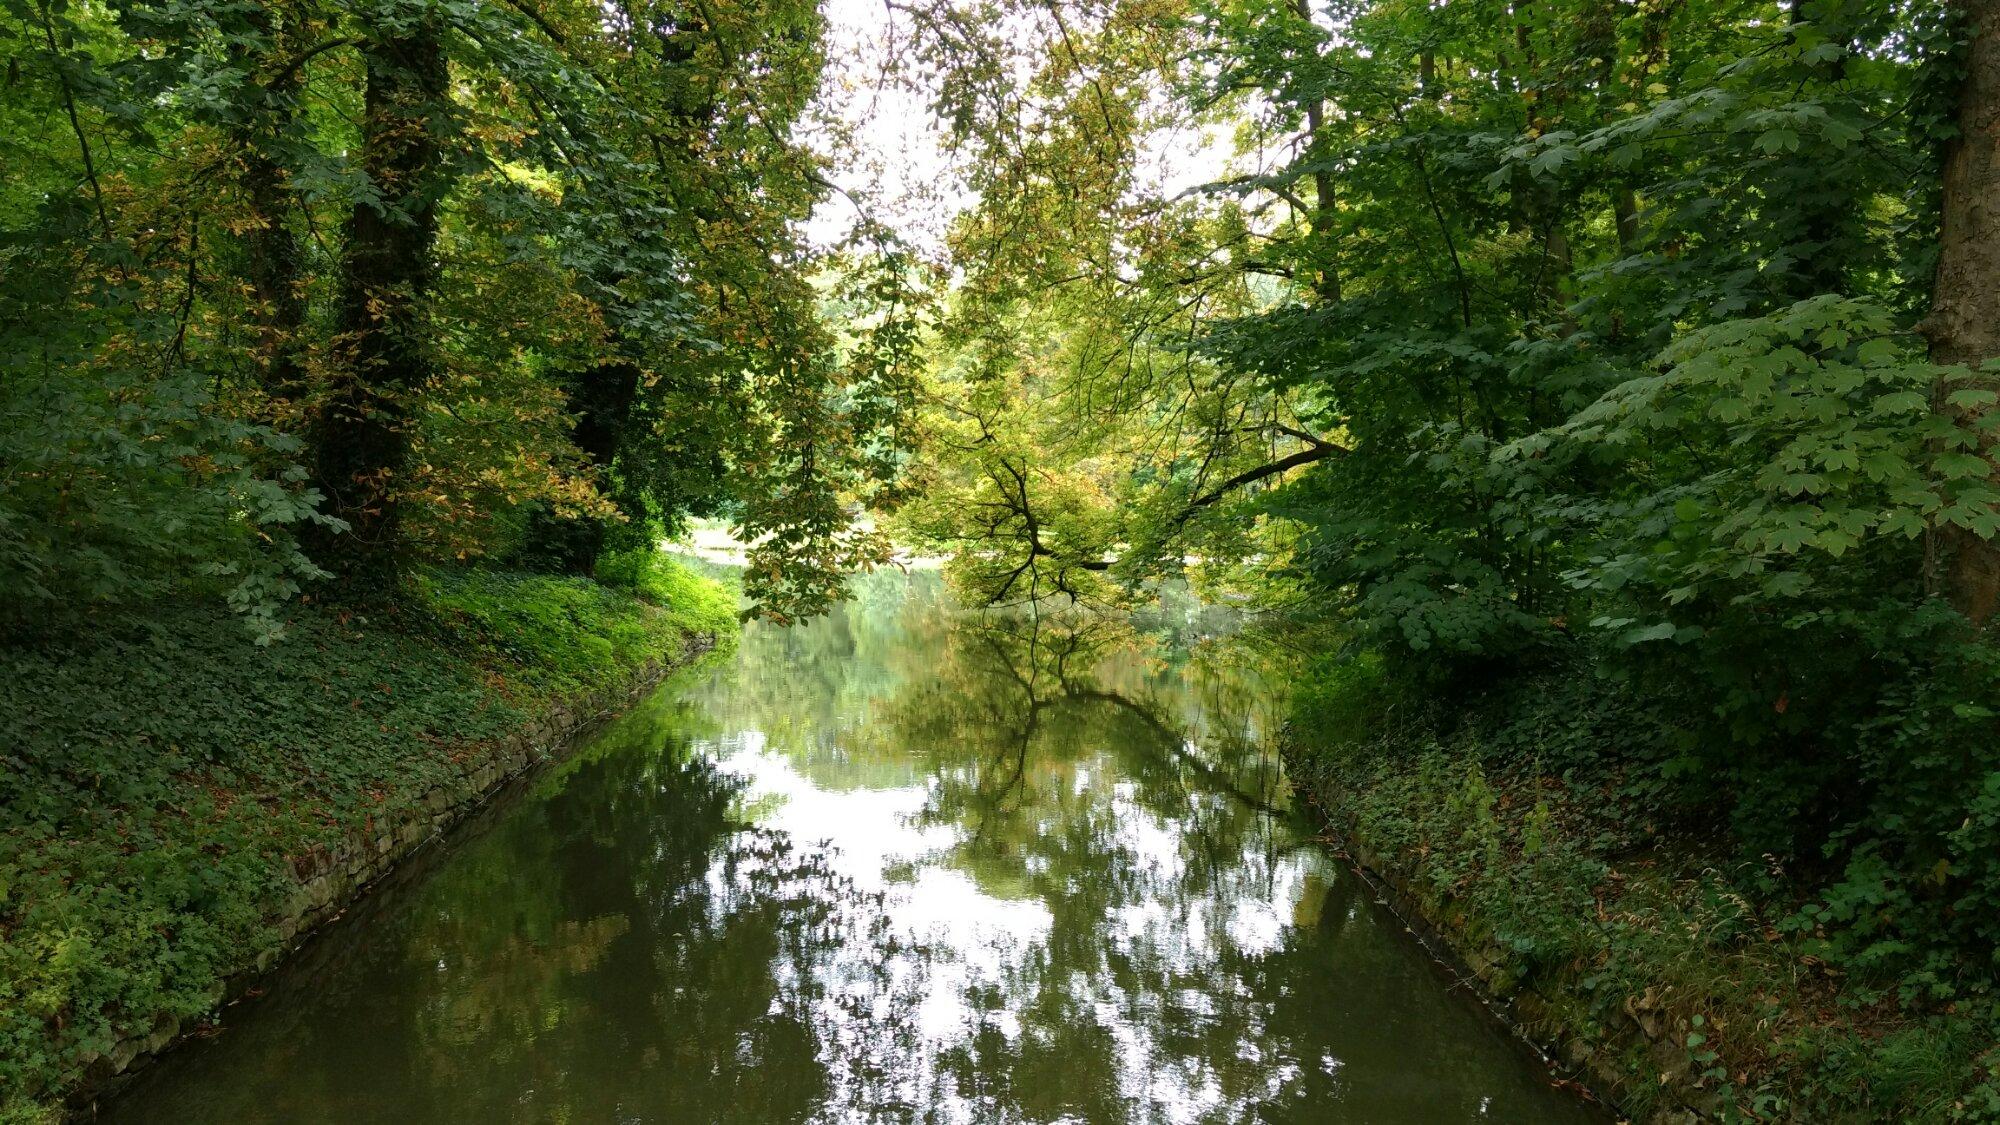 Projekt365: 235 Im Herrnsheimer Schlosspark #Rheinterrassenweg #Rheinhessen #Worms -  https://t.co/xwyEAhaLb8 https://t.co/KUuhLUCM73